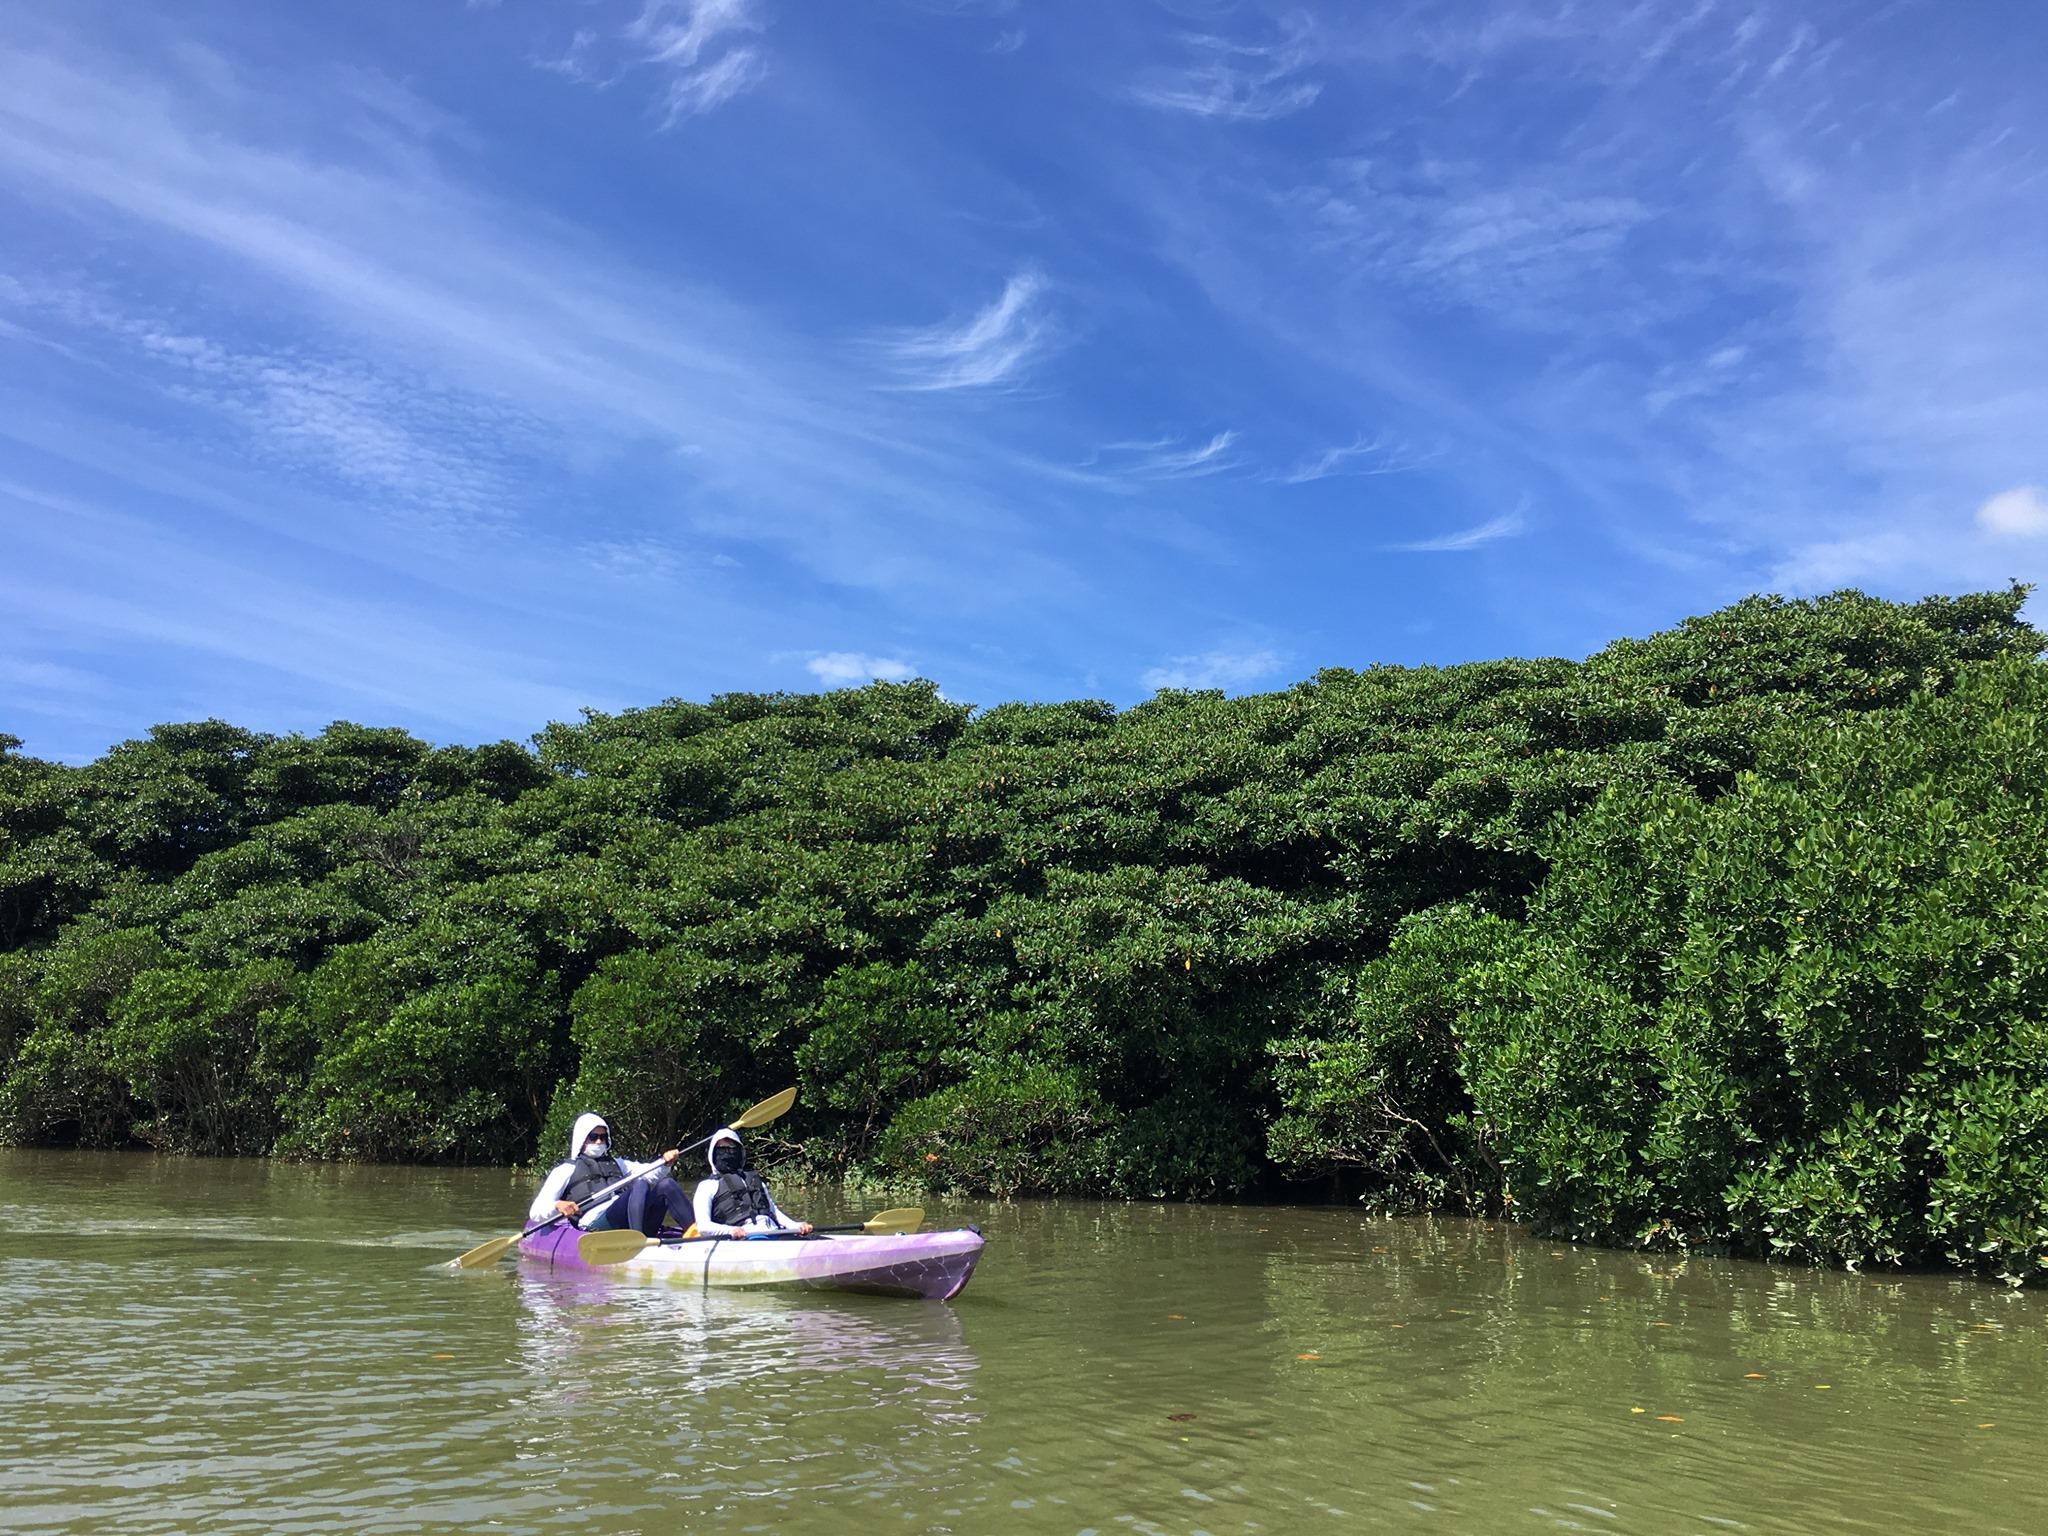 マングローブの中をカヌーで進む 石垣島で旅行